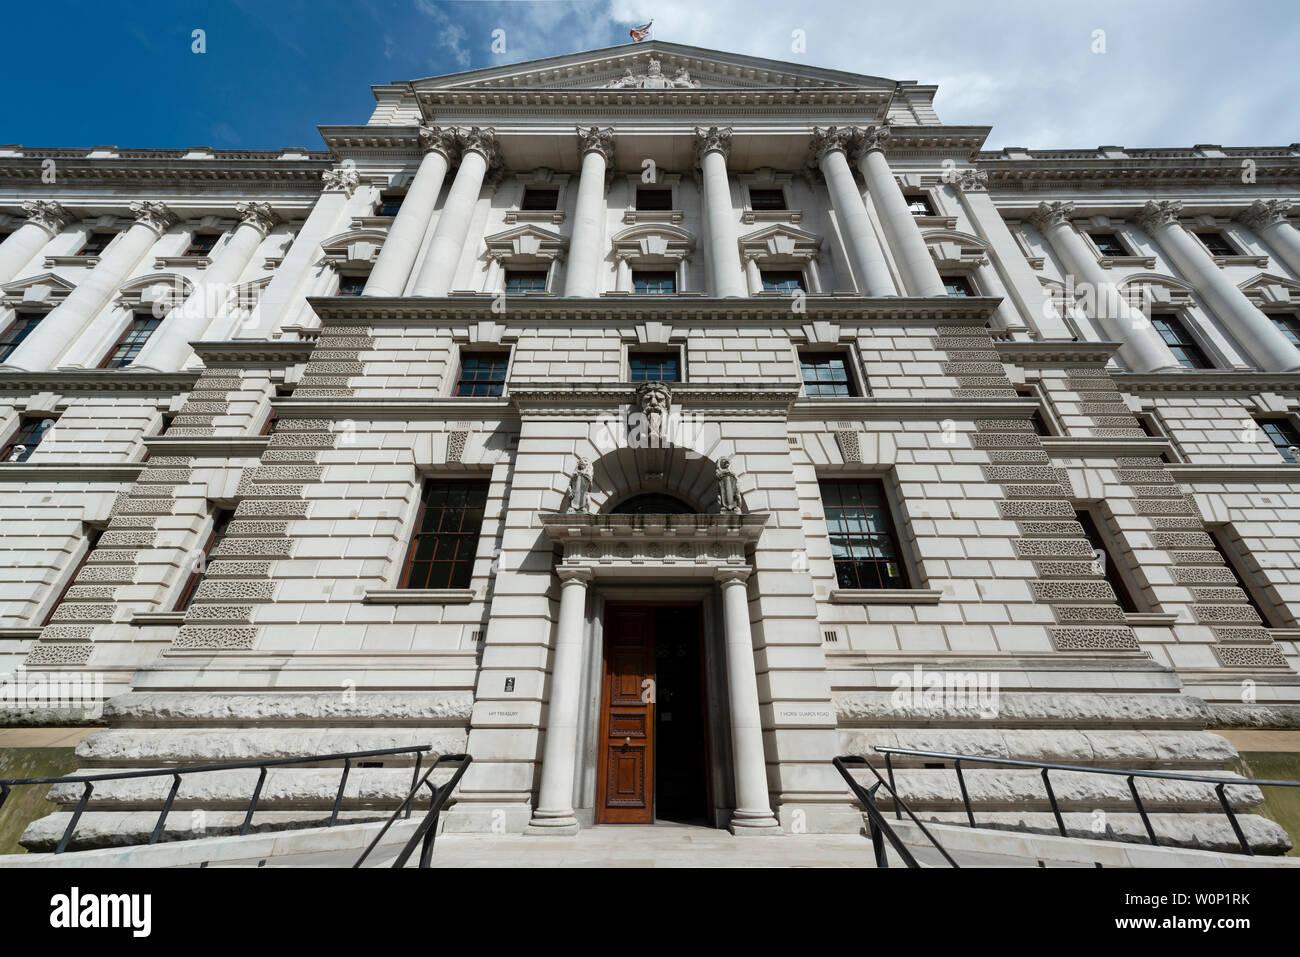 Le HM Treasury Building situé sur Horse Guards Road à Londres, au Royaume-Uni. Banque D'Images